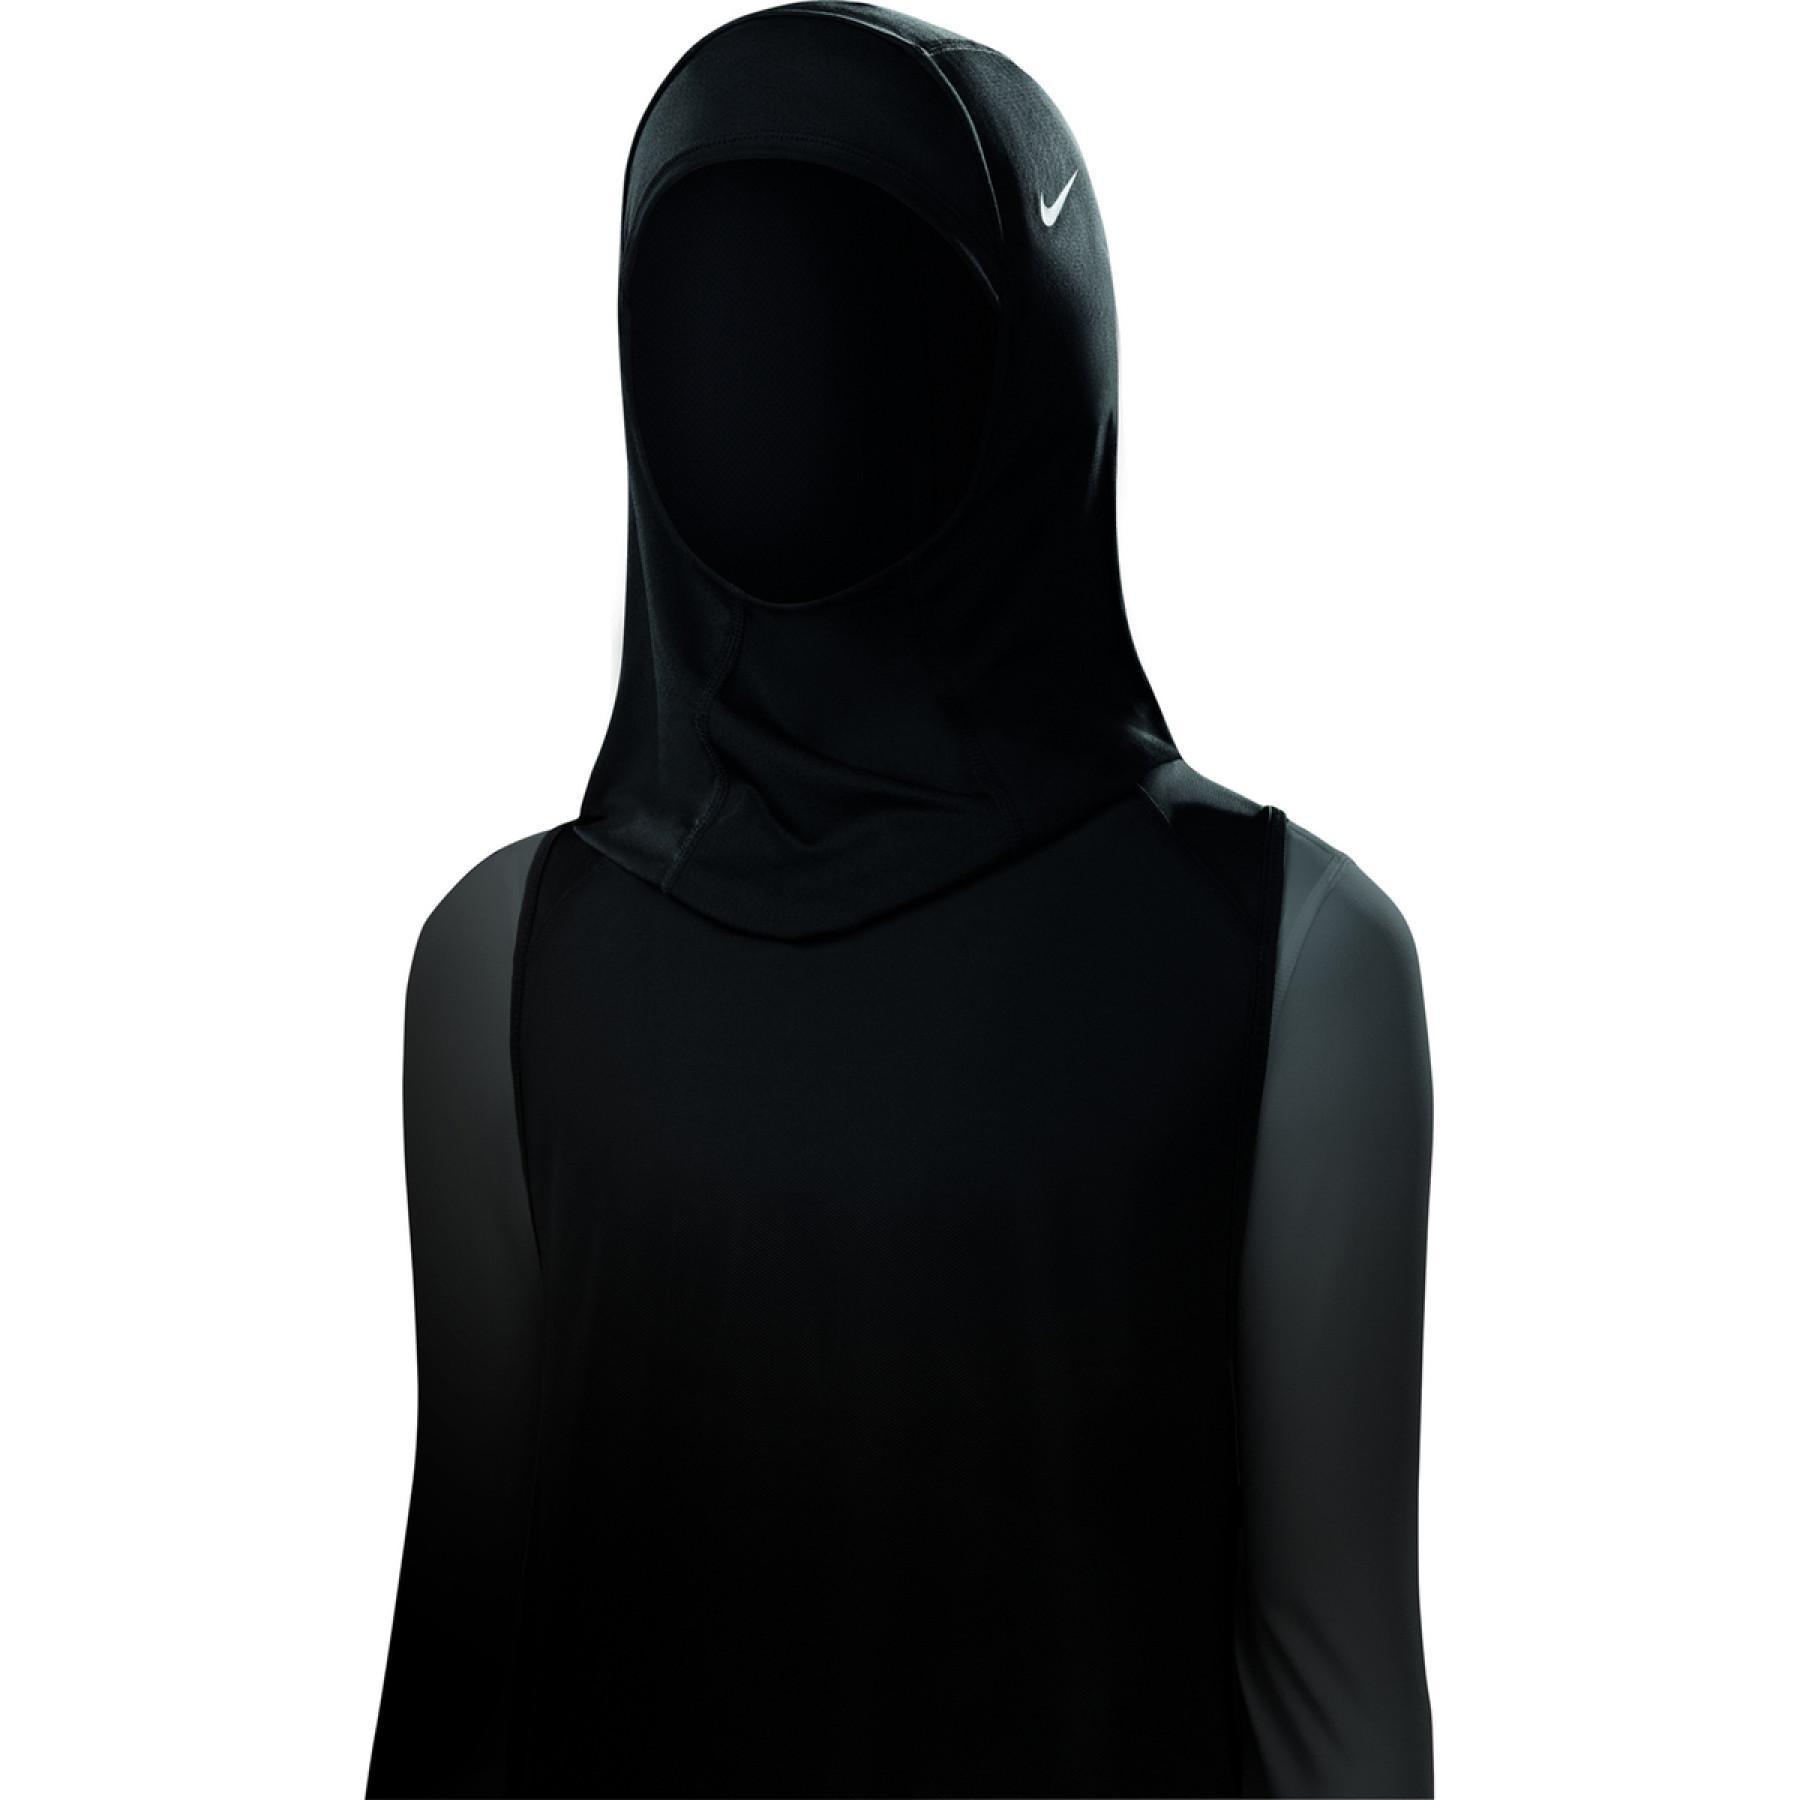 Hijab child Nike pro